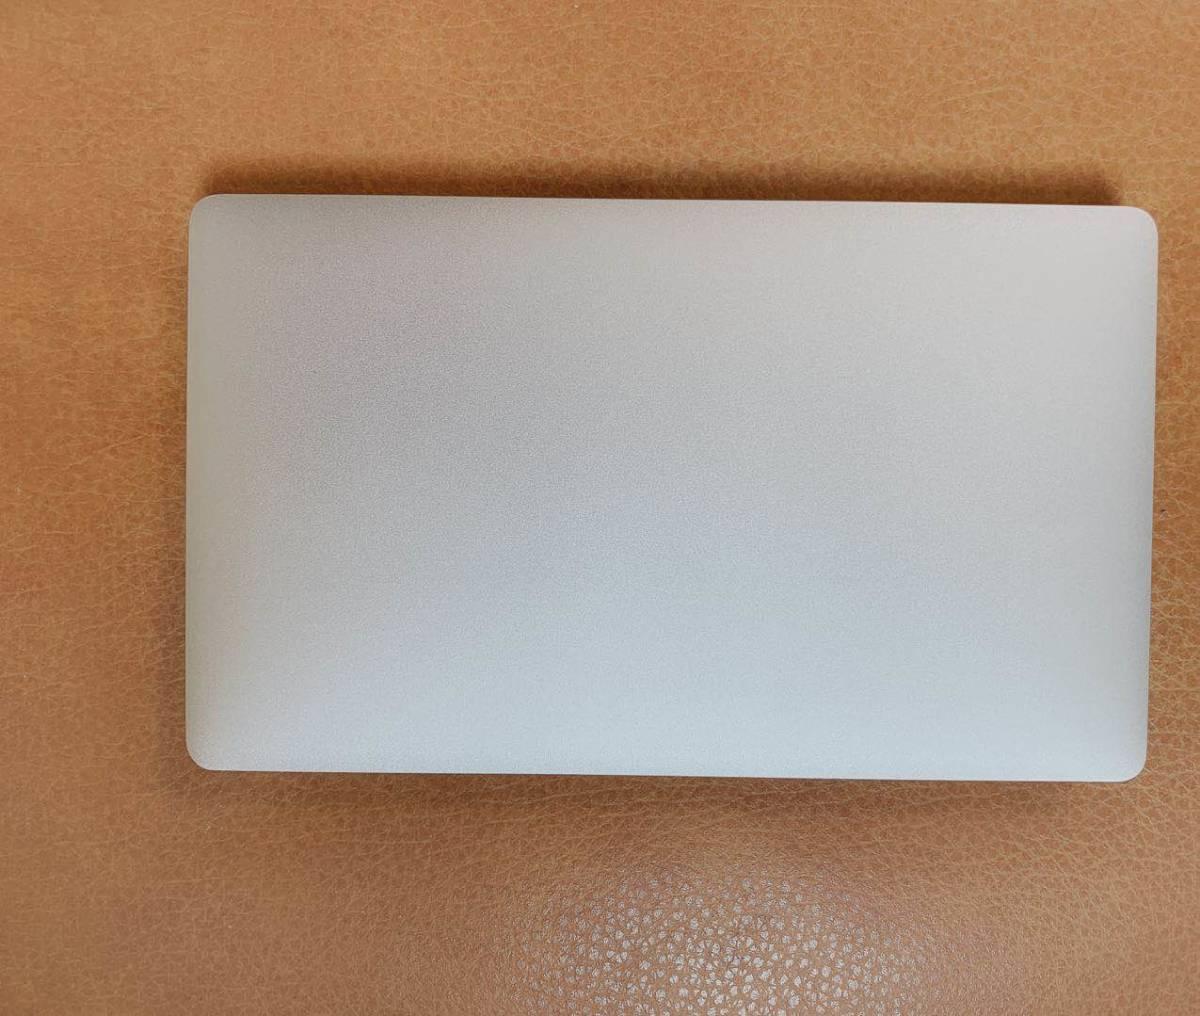 新品同様 GPD Pocket